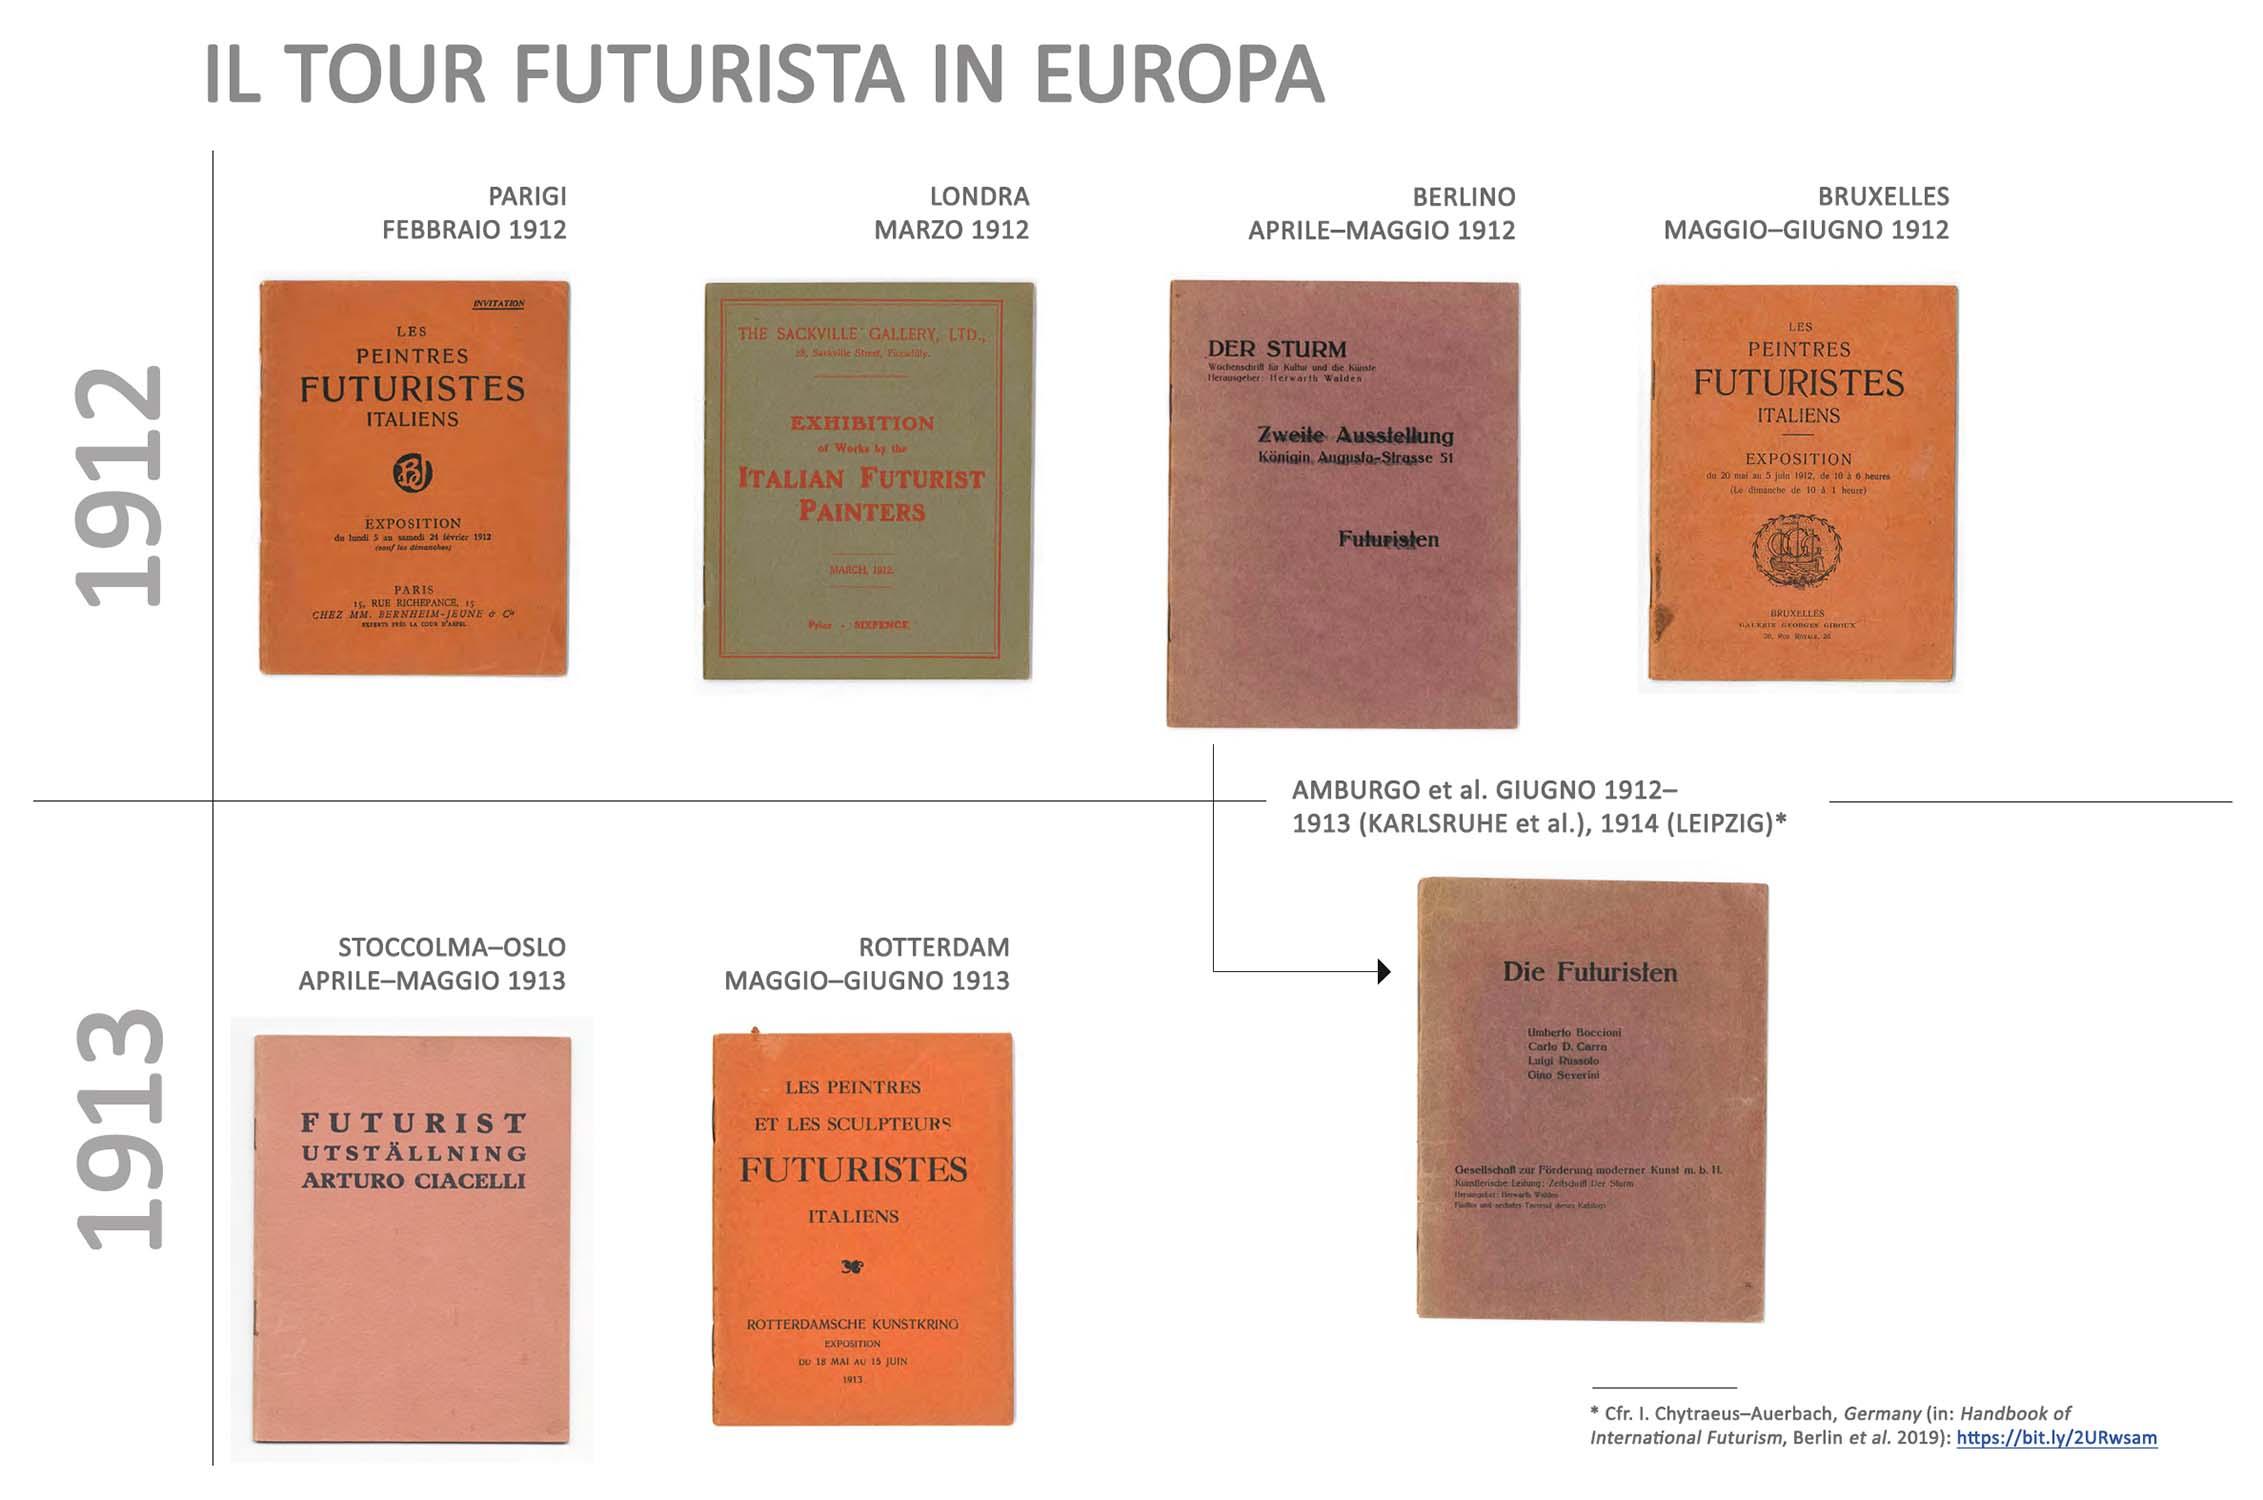 Tour futurista